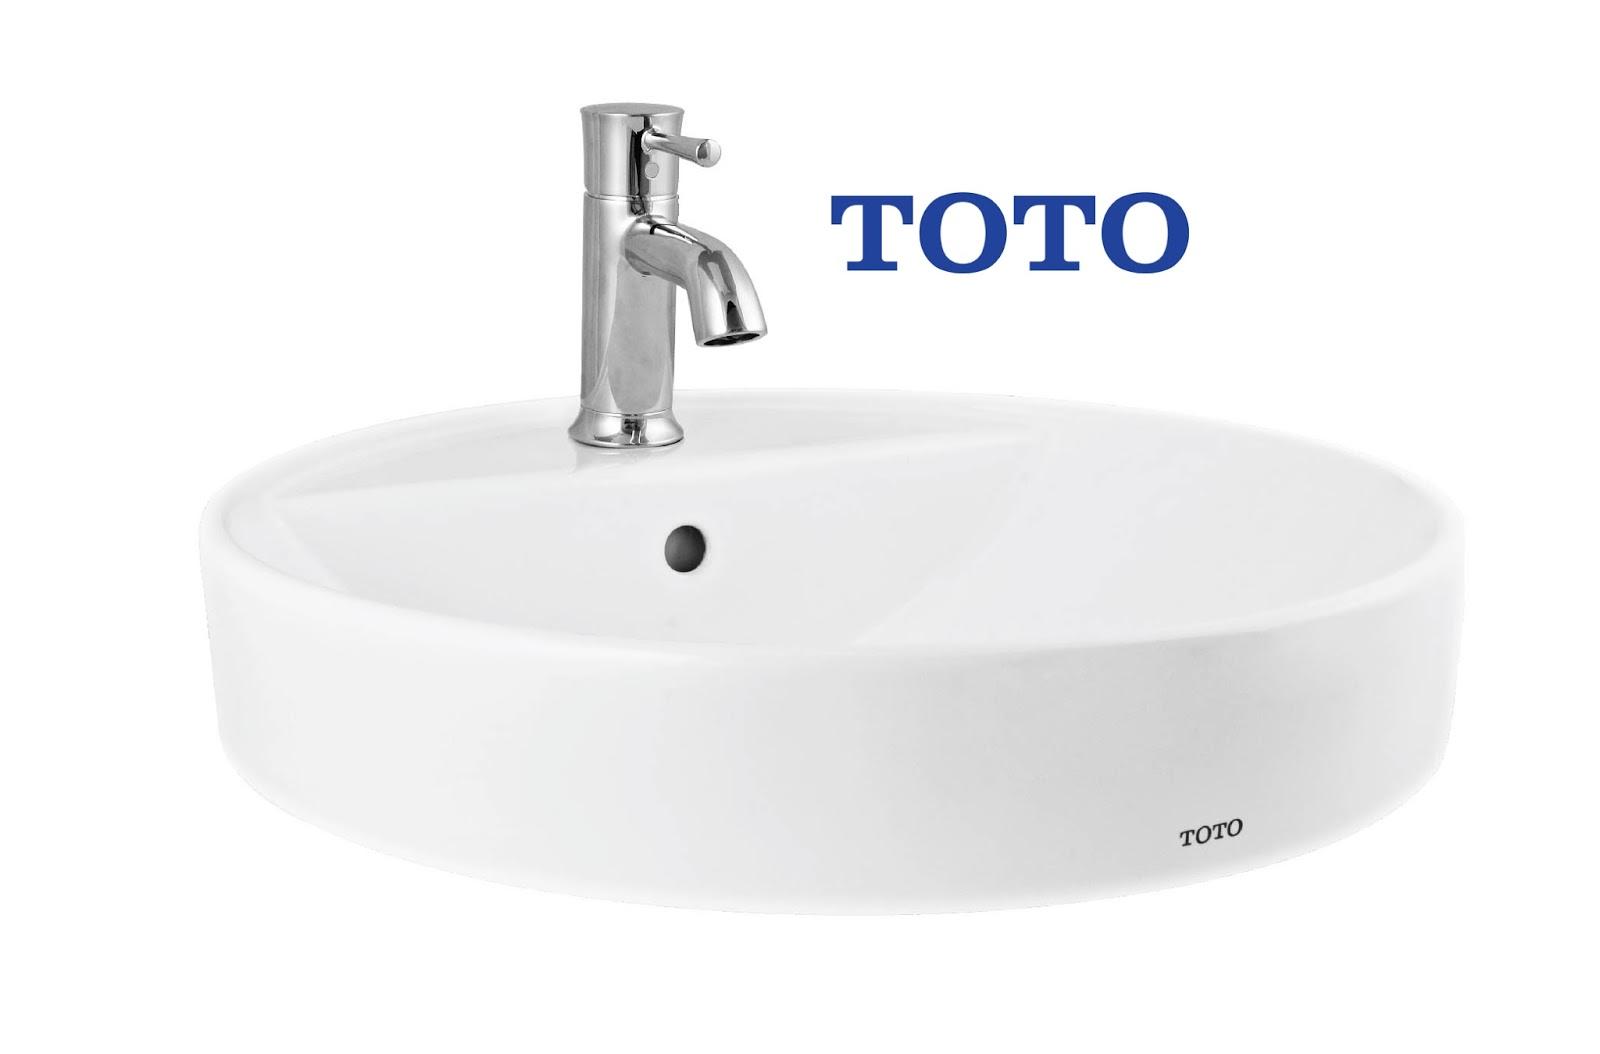 Đại lý cung cấp chậu rửa mặt TOTO của TOTO Việt Nam 2018